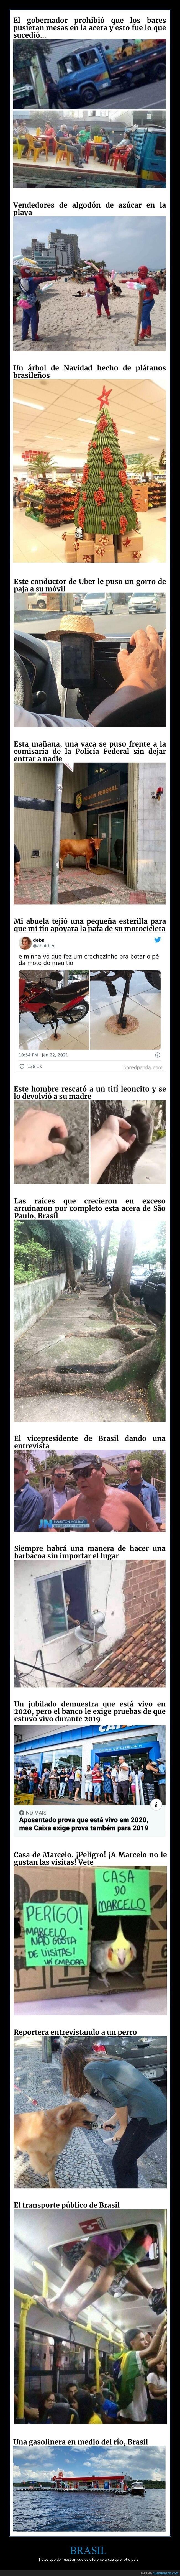 brasil,wtf